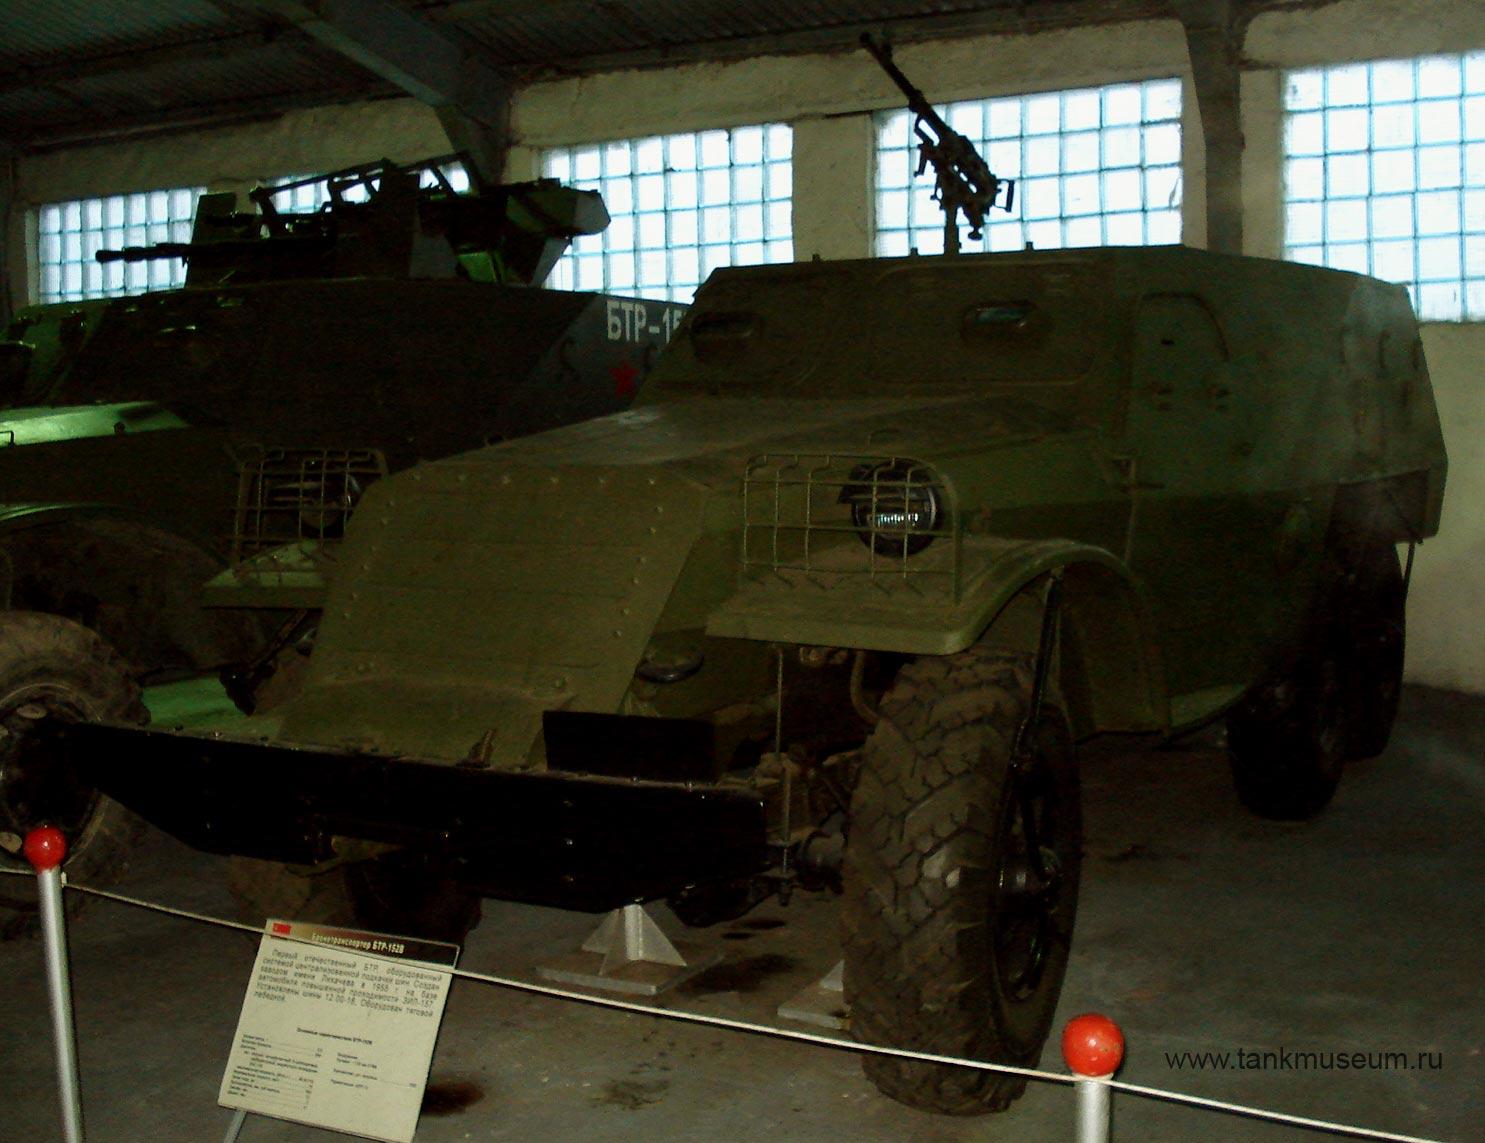 советский бронетранспортер БТР-152В, танковый музей в Кубинке